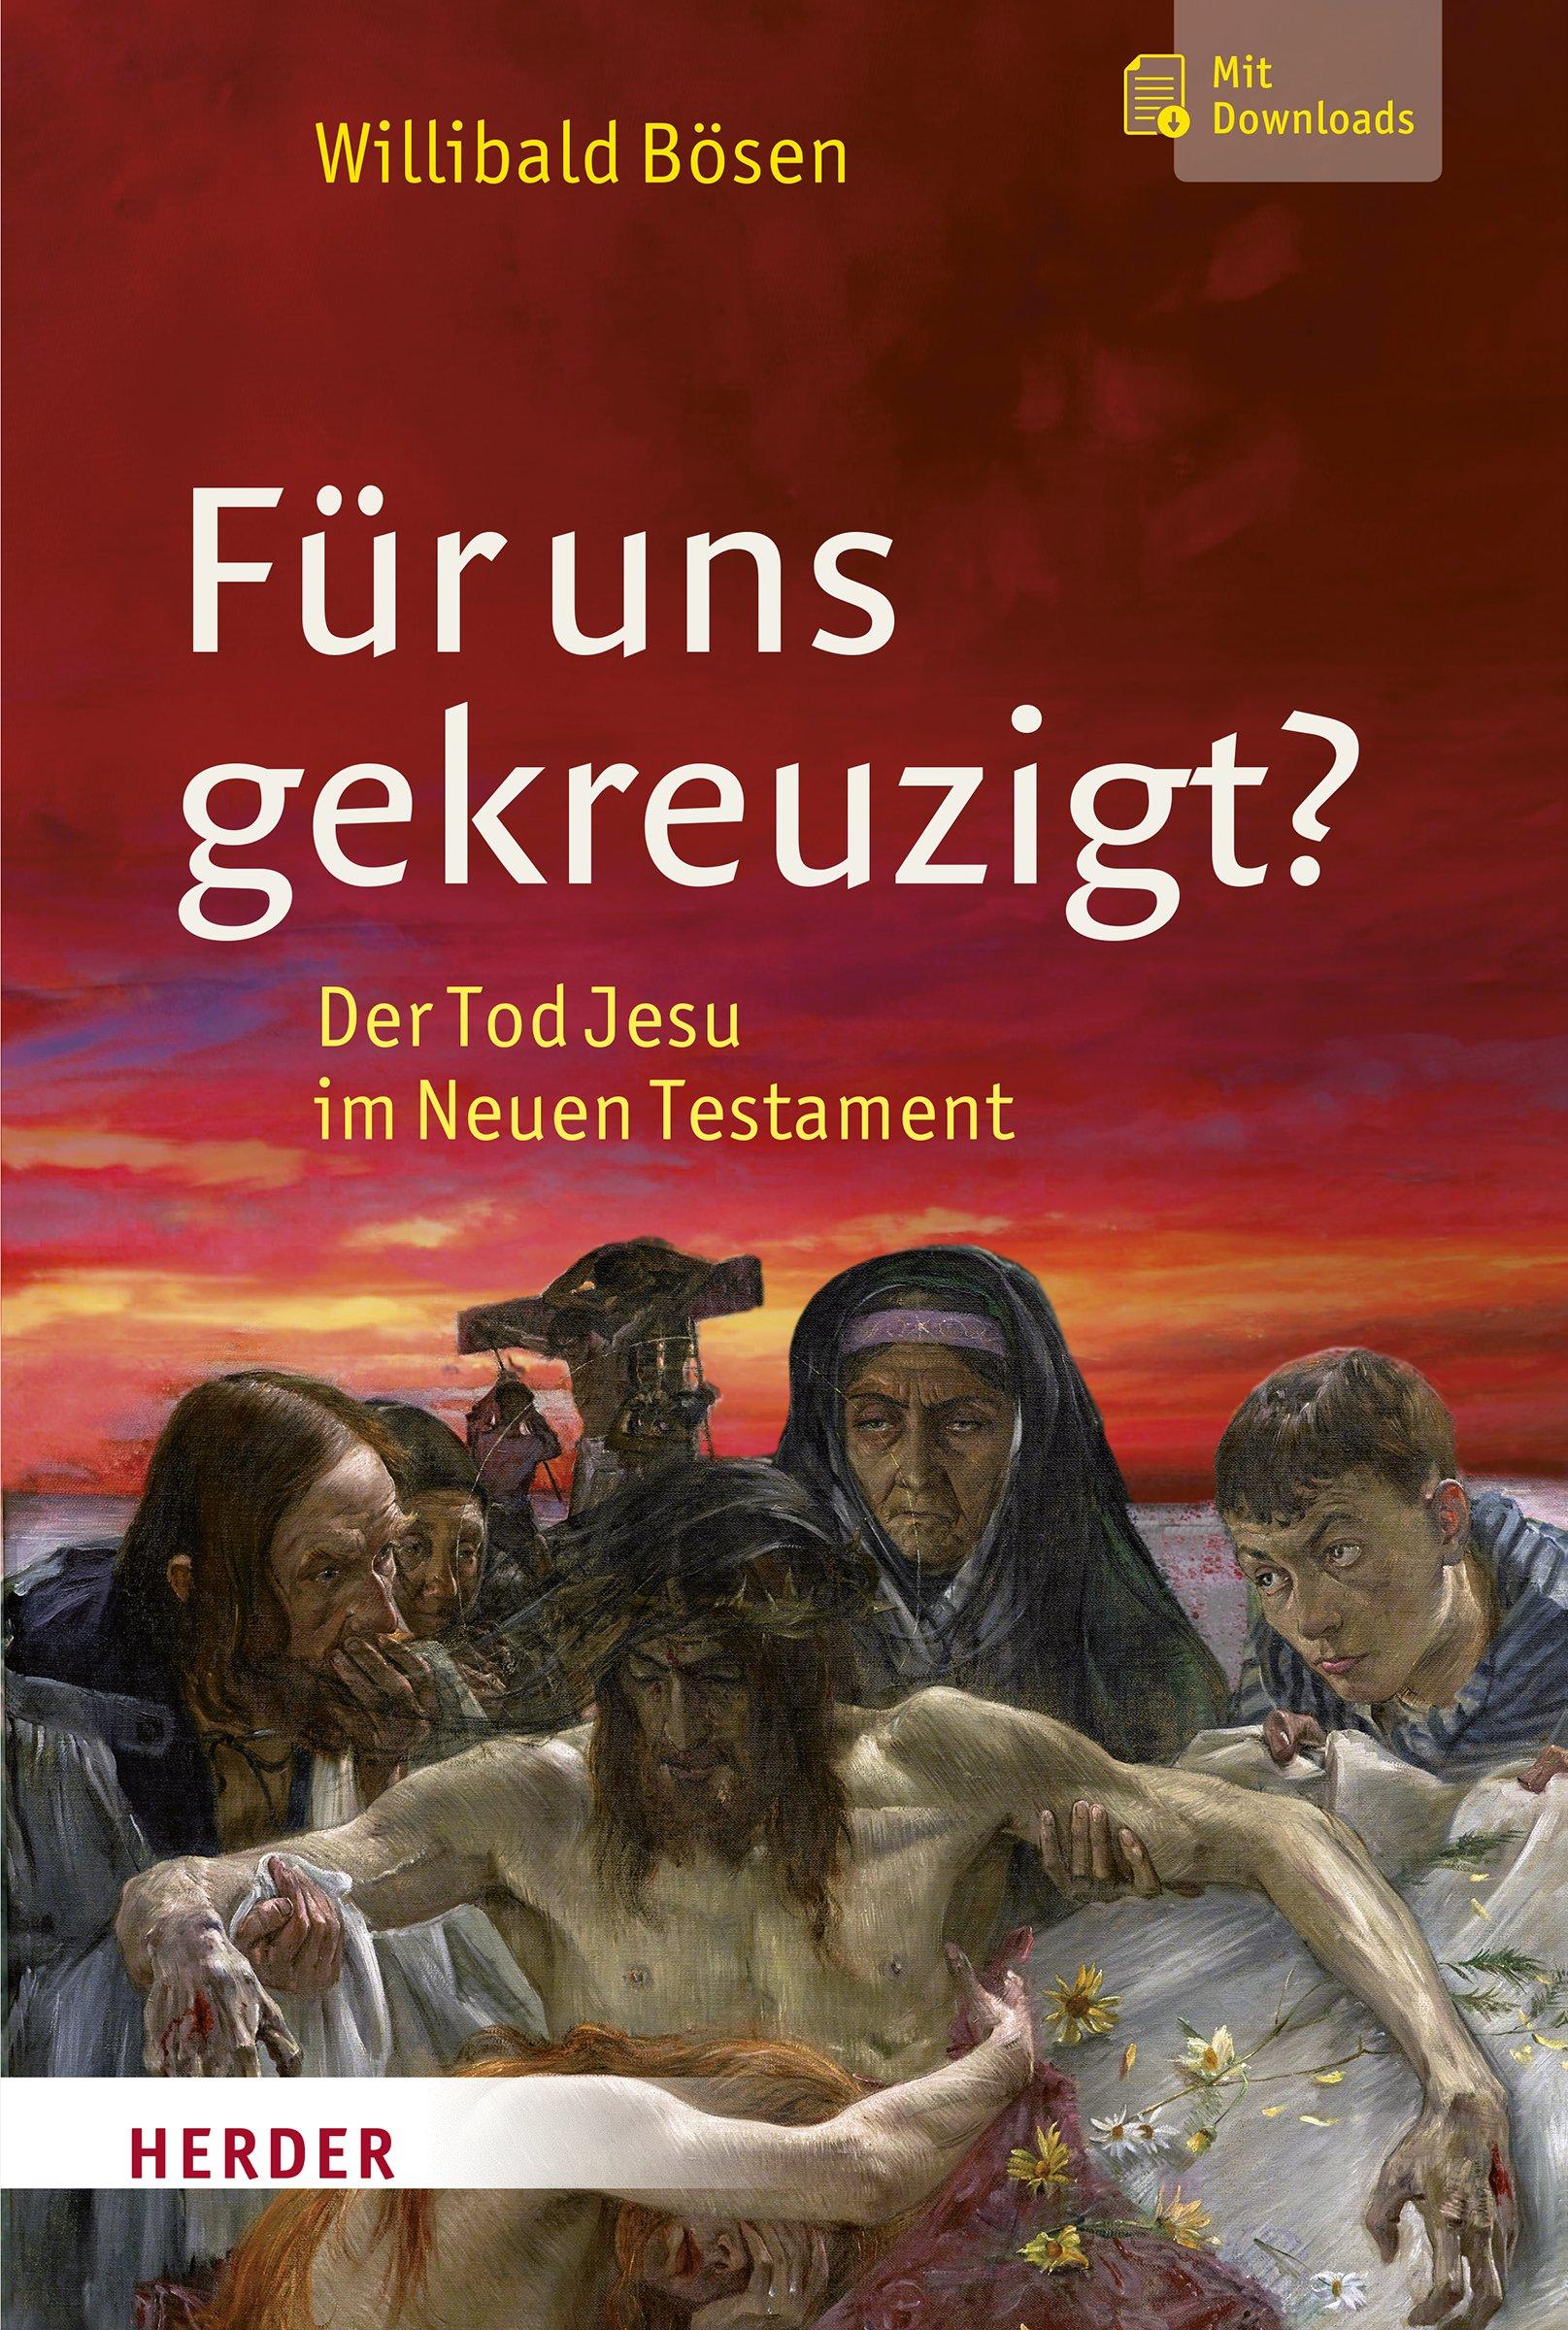 fr-uns-gekreuzigt-der-tod-jesu-im-neuen-testament